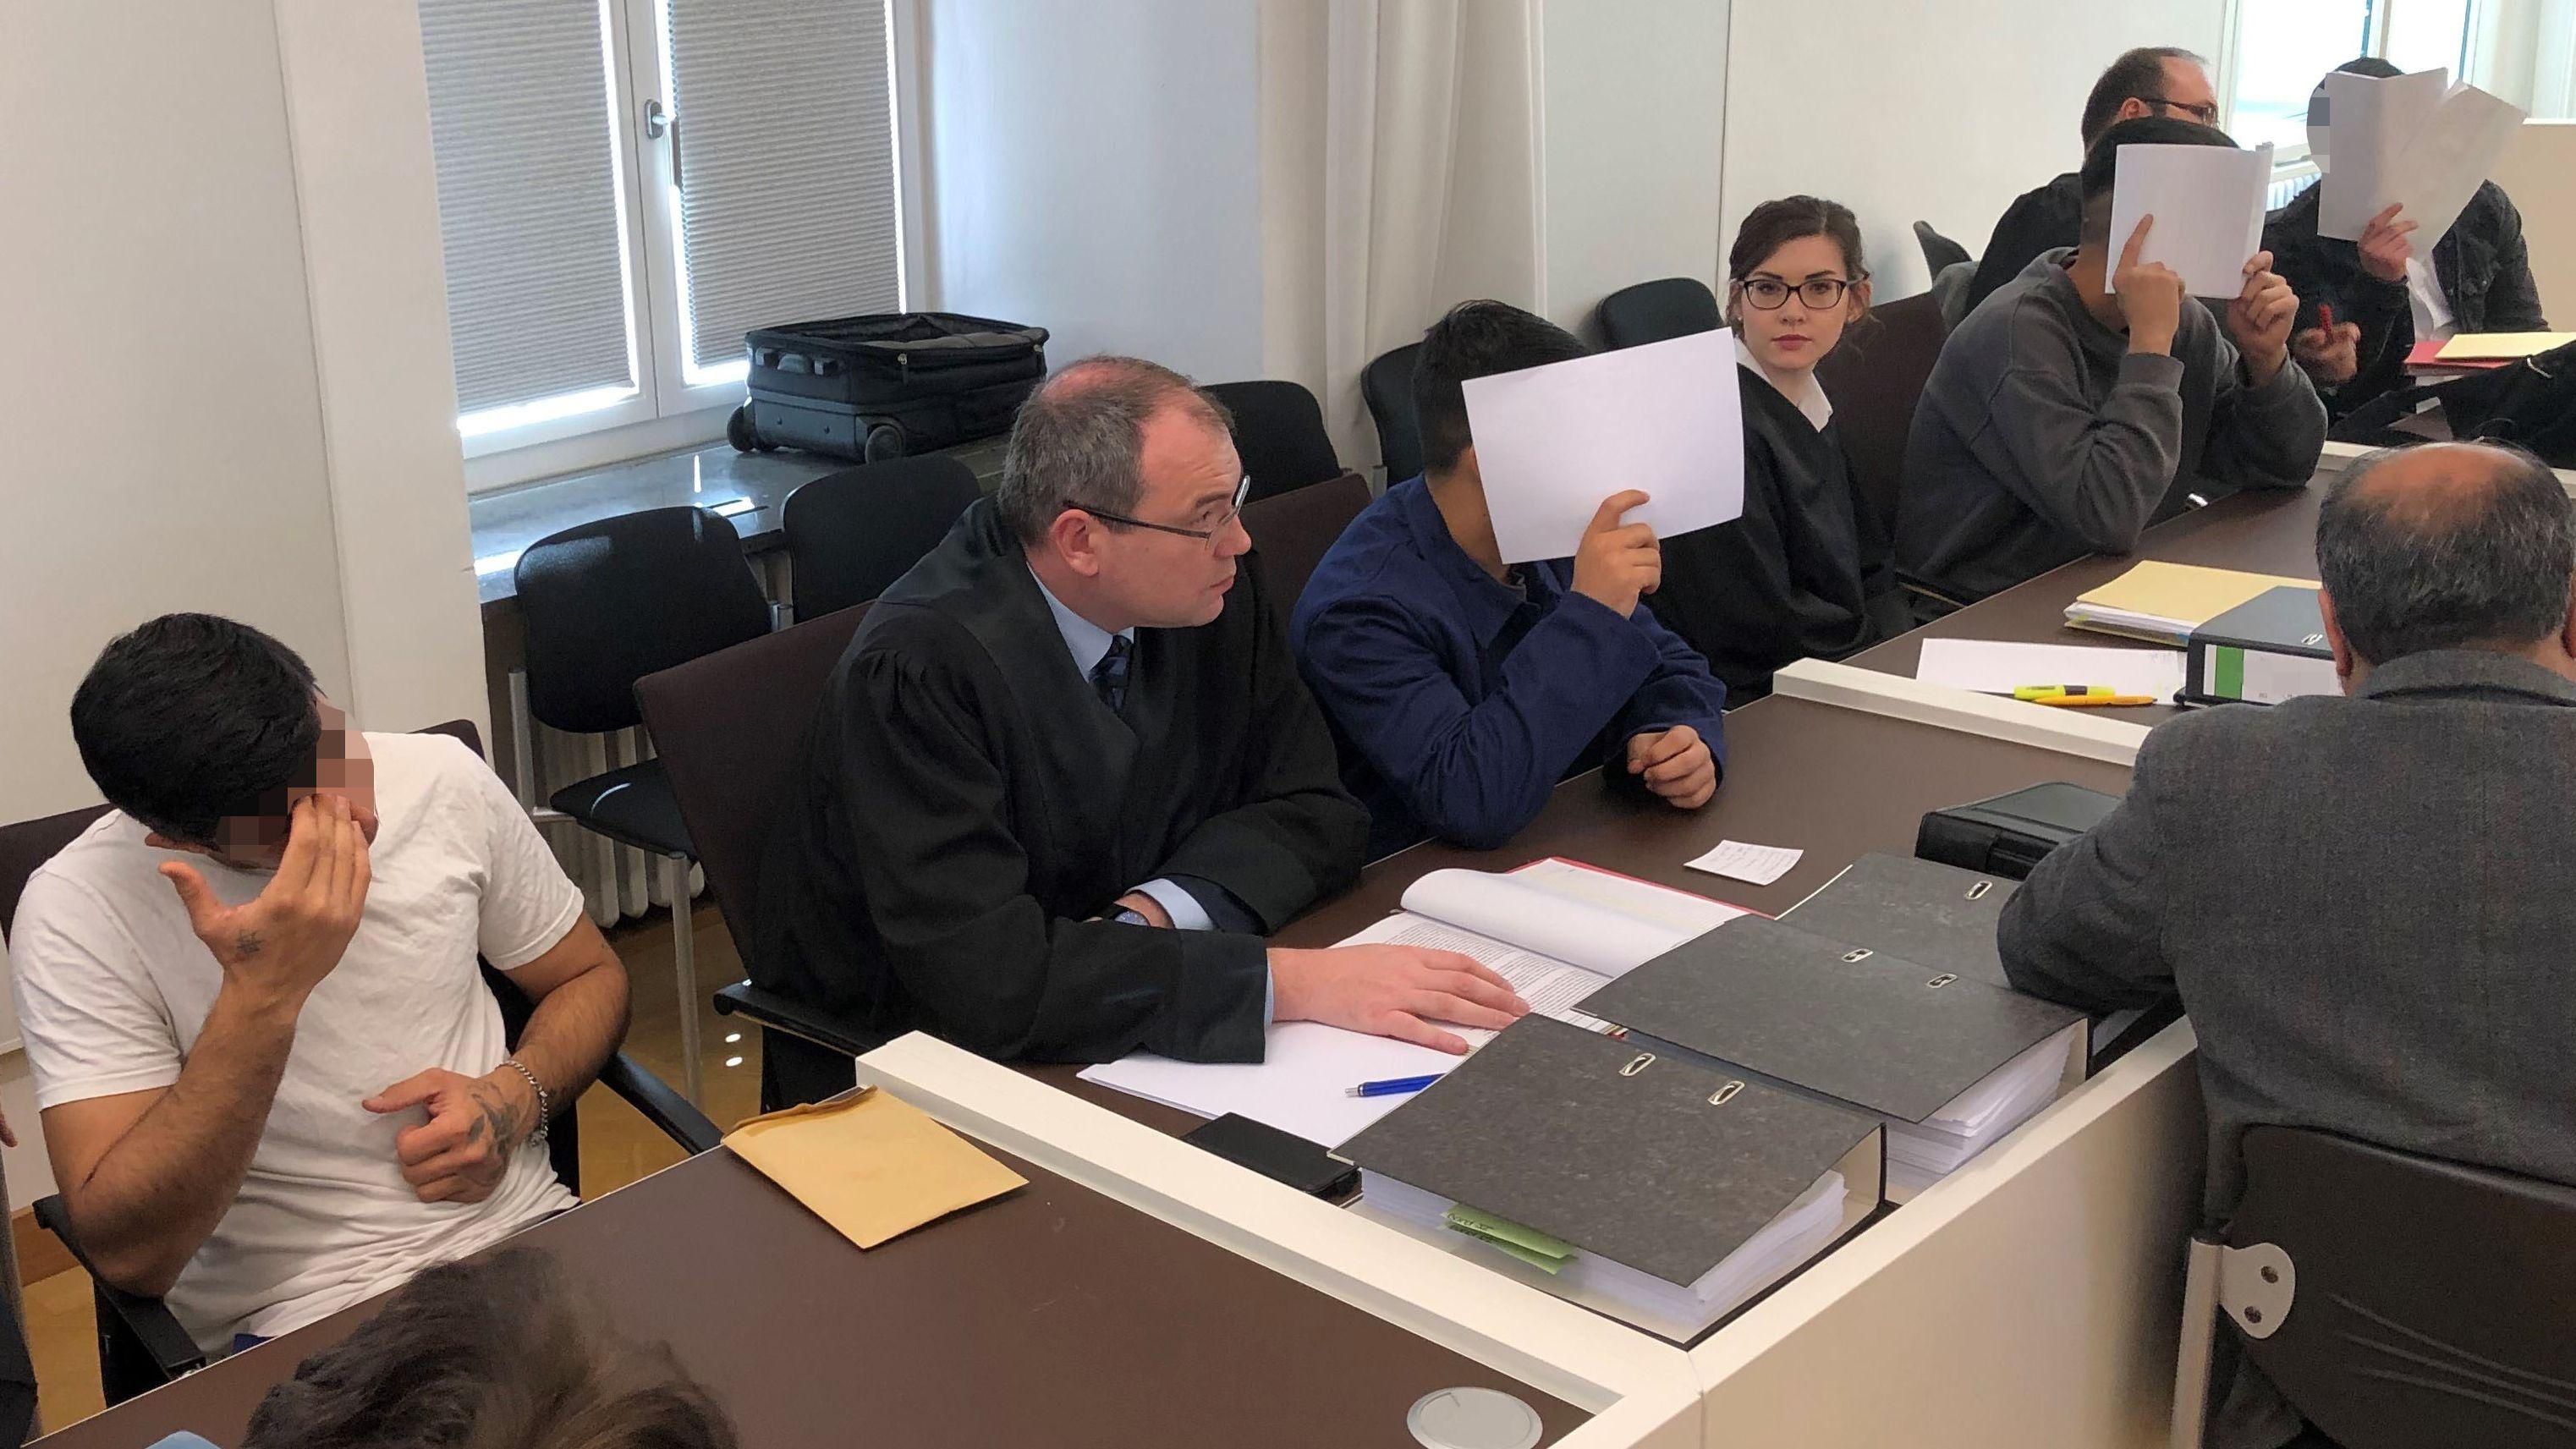 Die vier Angeklagten und ihre Verteidiger im Gerichtssaal